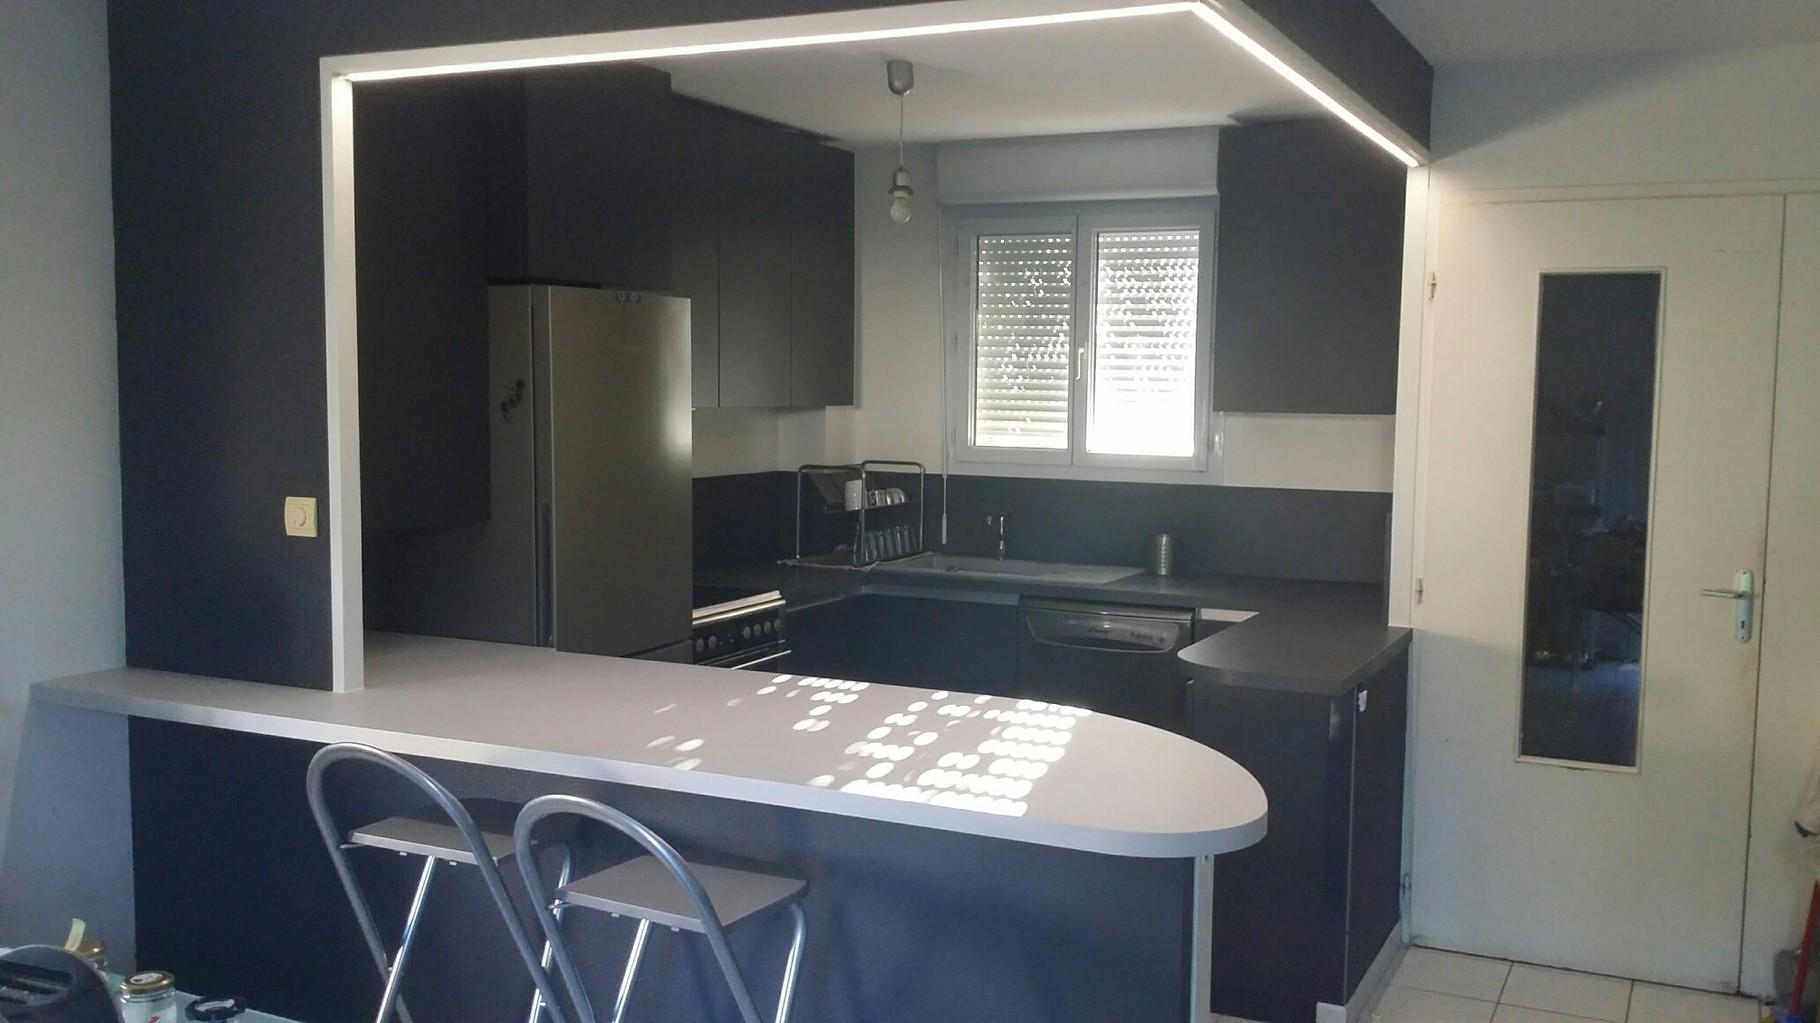 cuisine esprit loft par cuisine design Toulouse 31